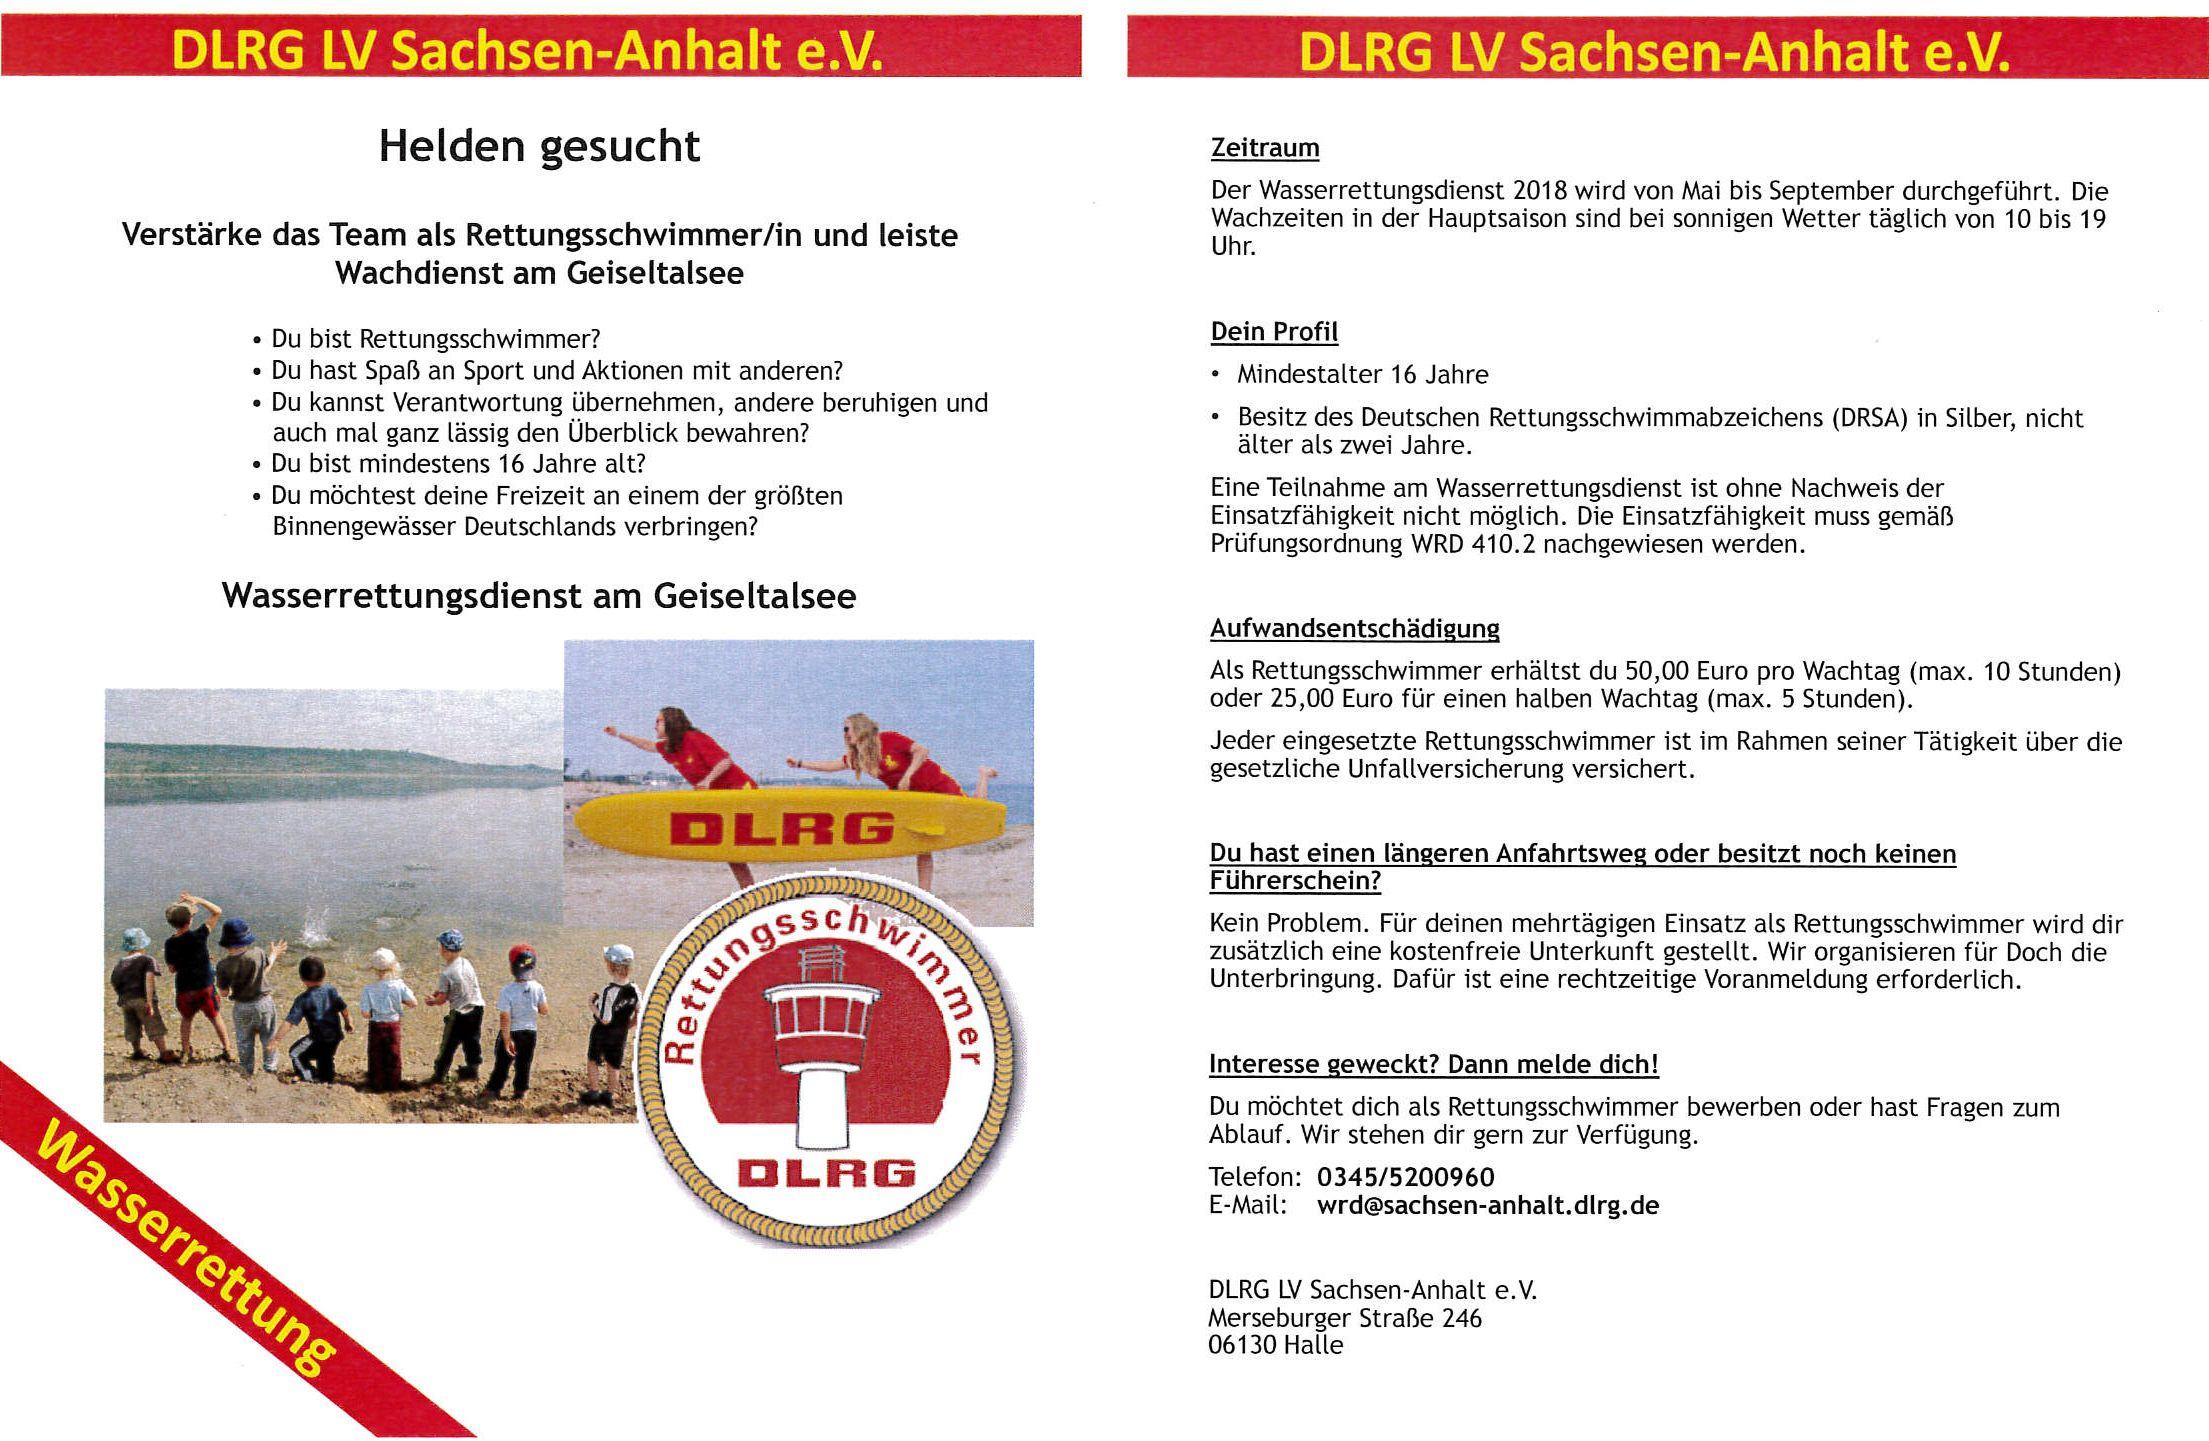 Veranstaltungsportal Mitteldeutschland - DLRG Trägerverein IGDM e V